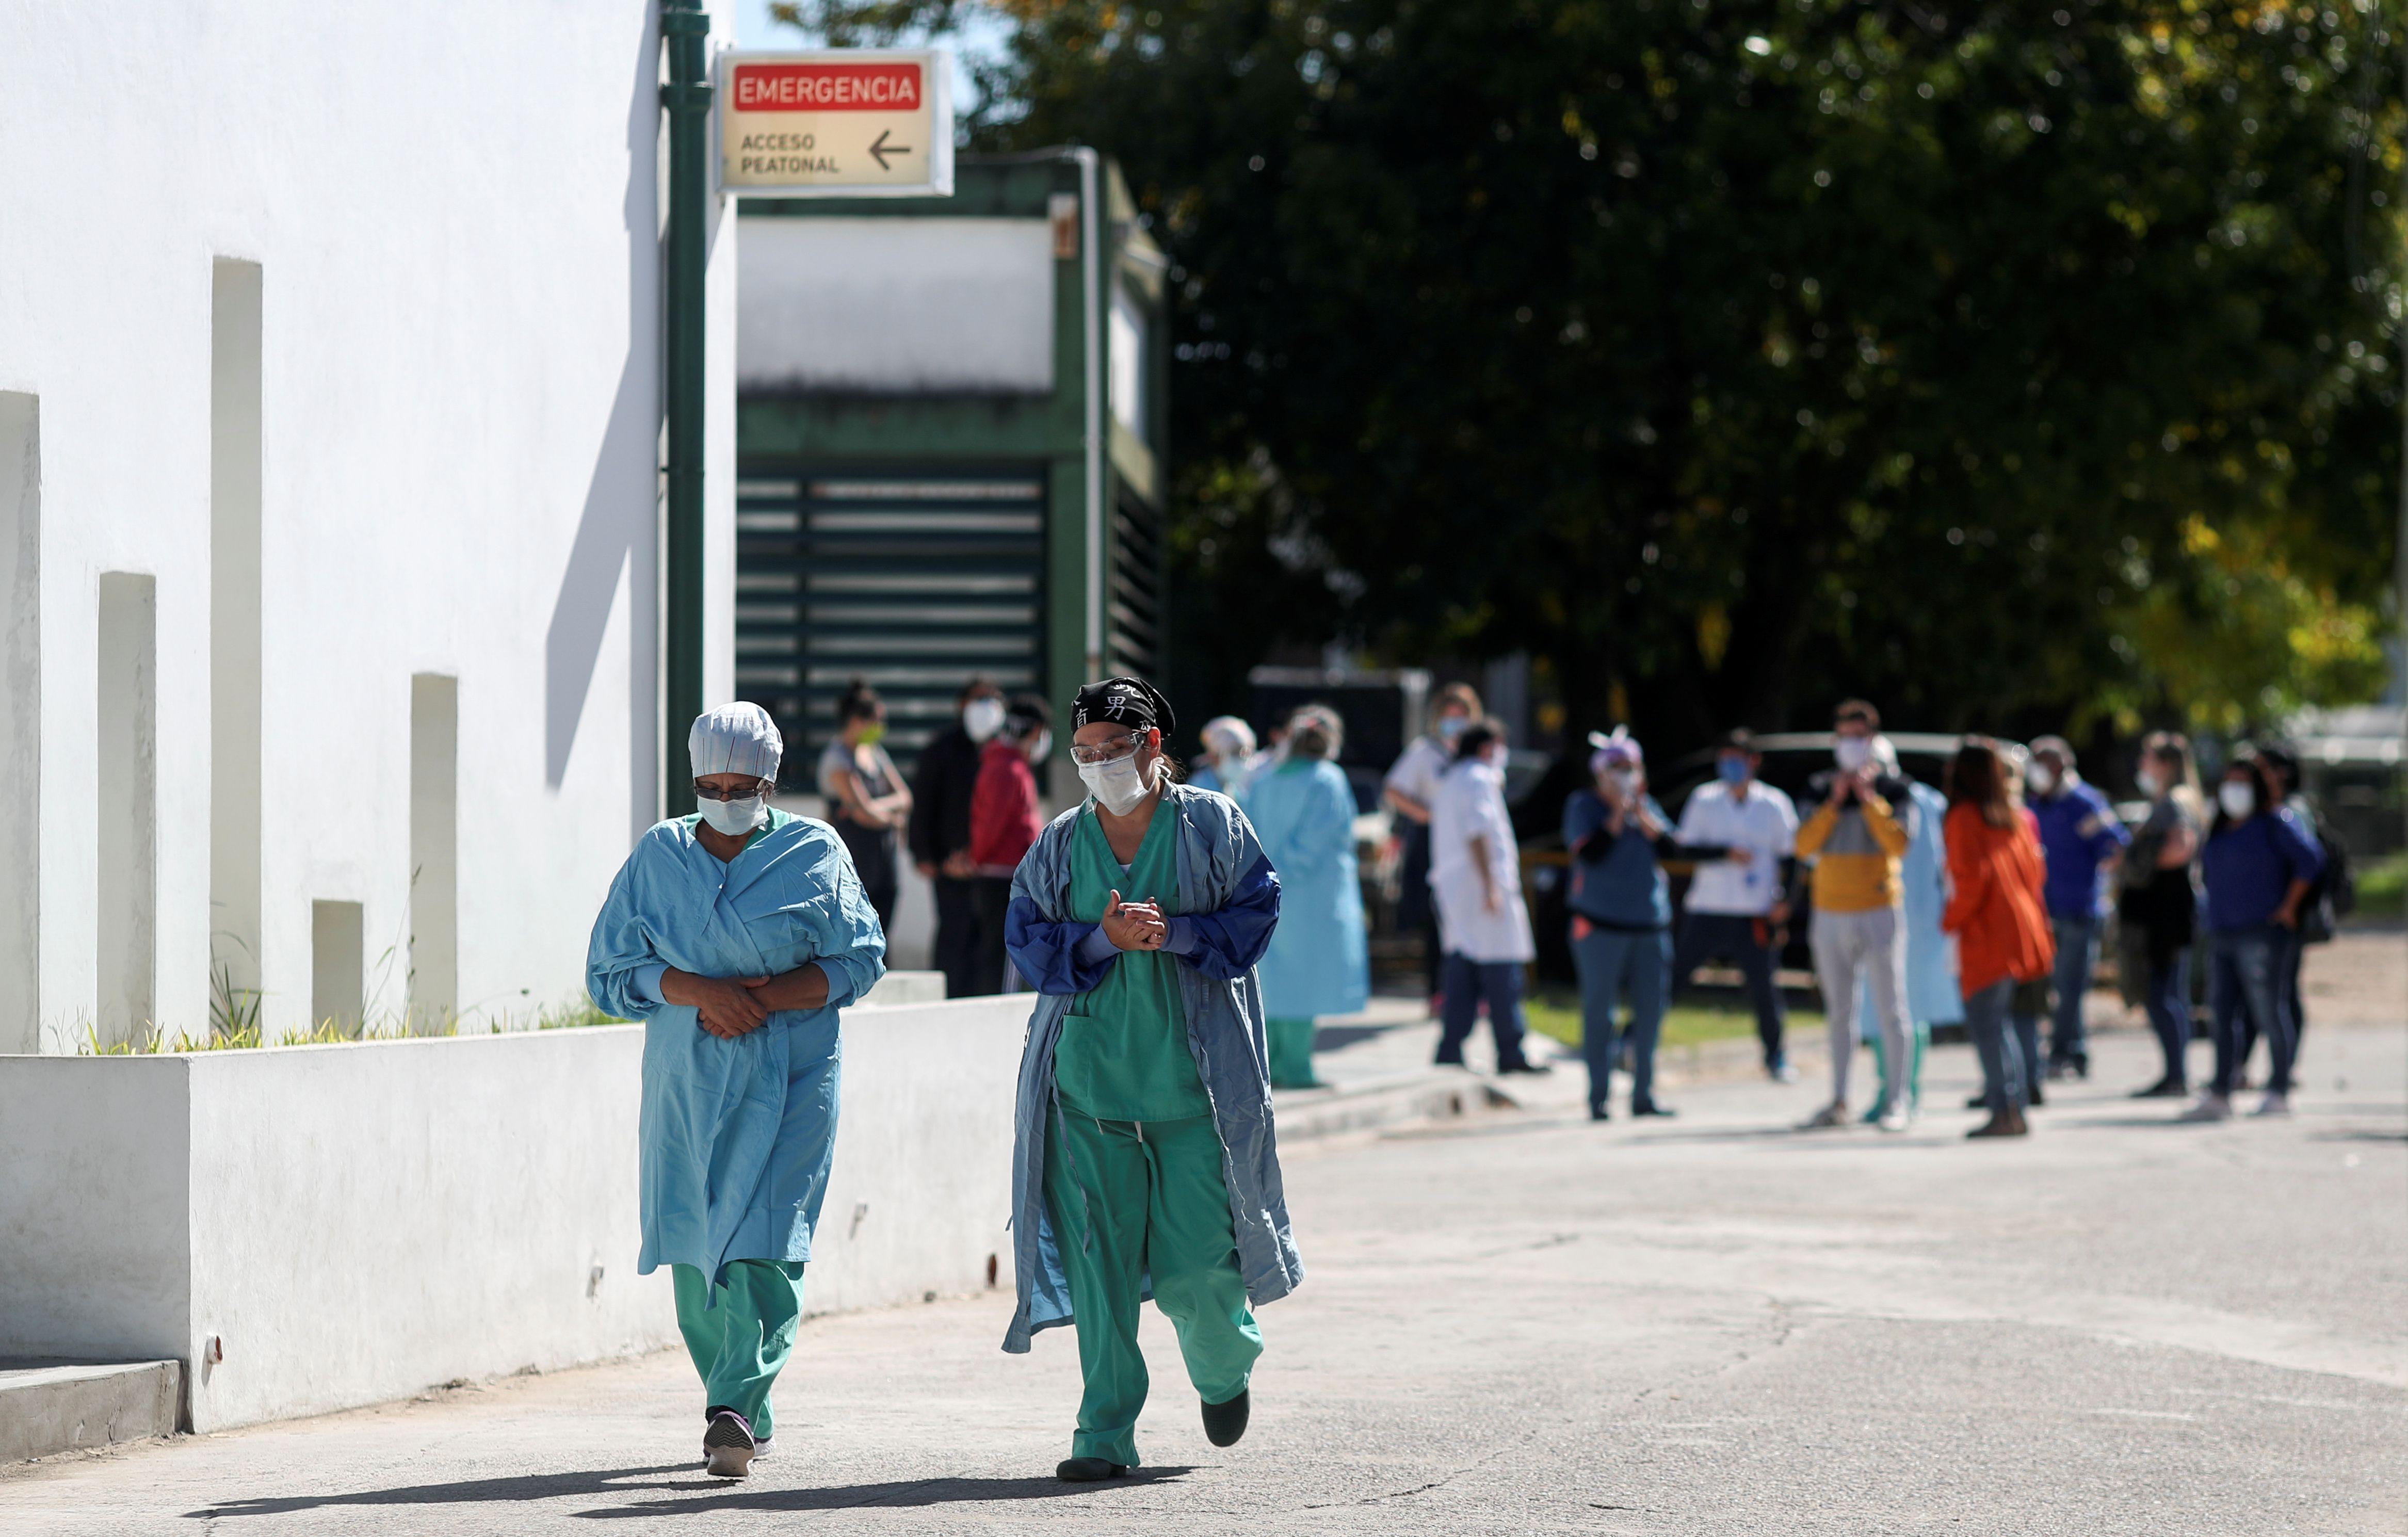 El presidente Alberto Fernández dio inicio este lunes a una tercera etapa de la cuarentena obligatoria (REUTERS/Agustin Marcarian)